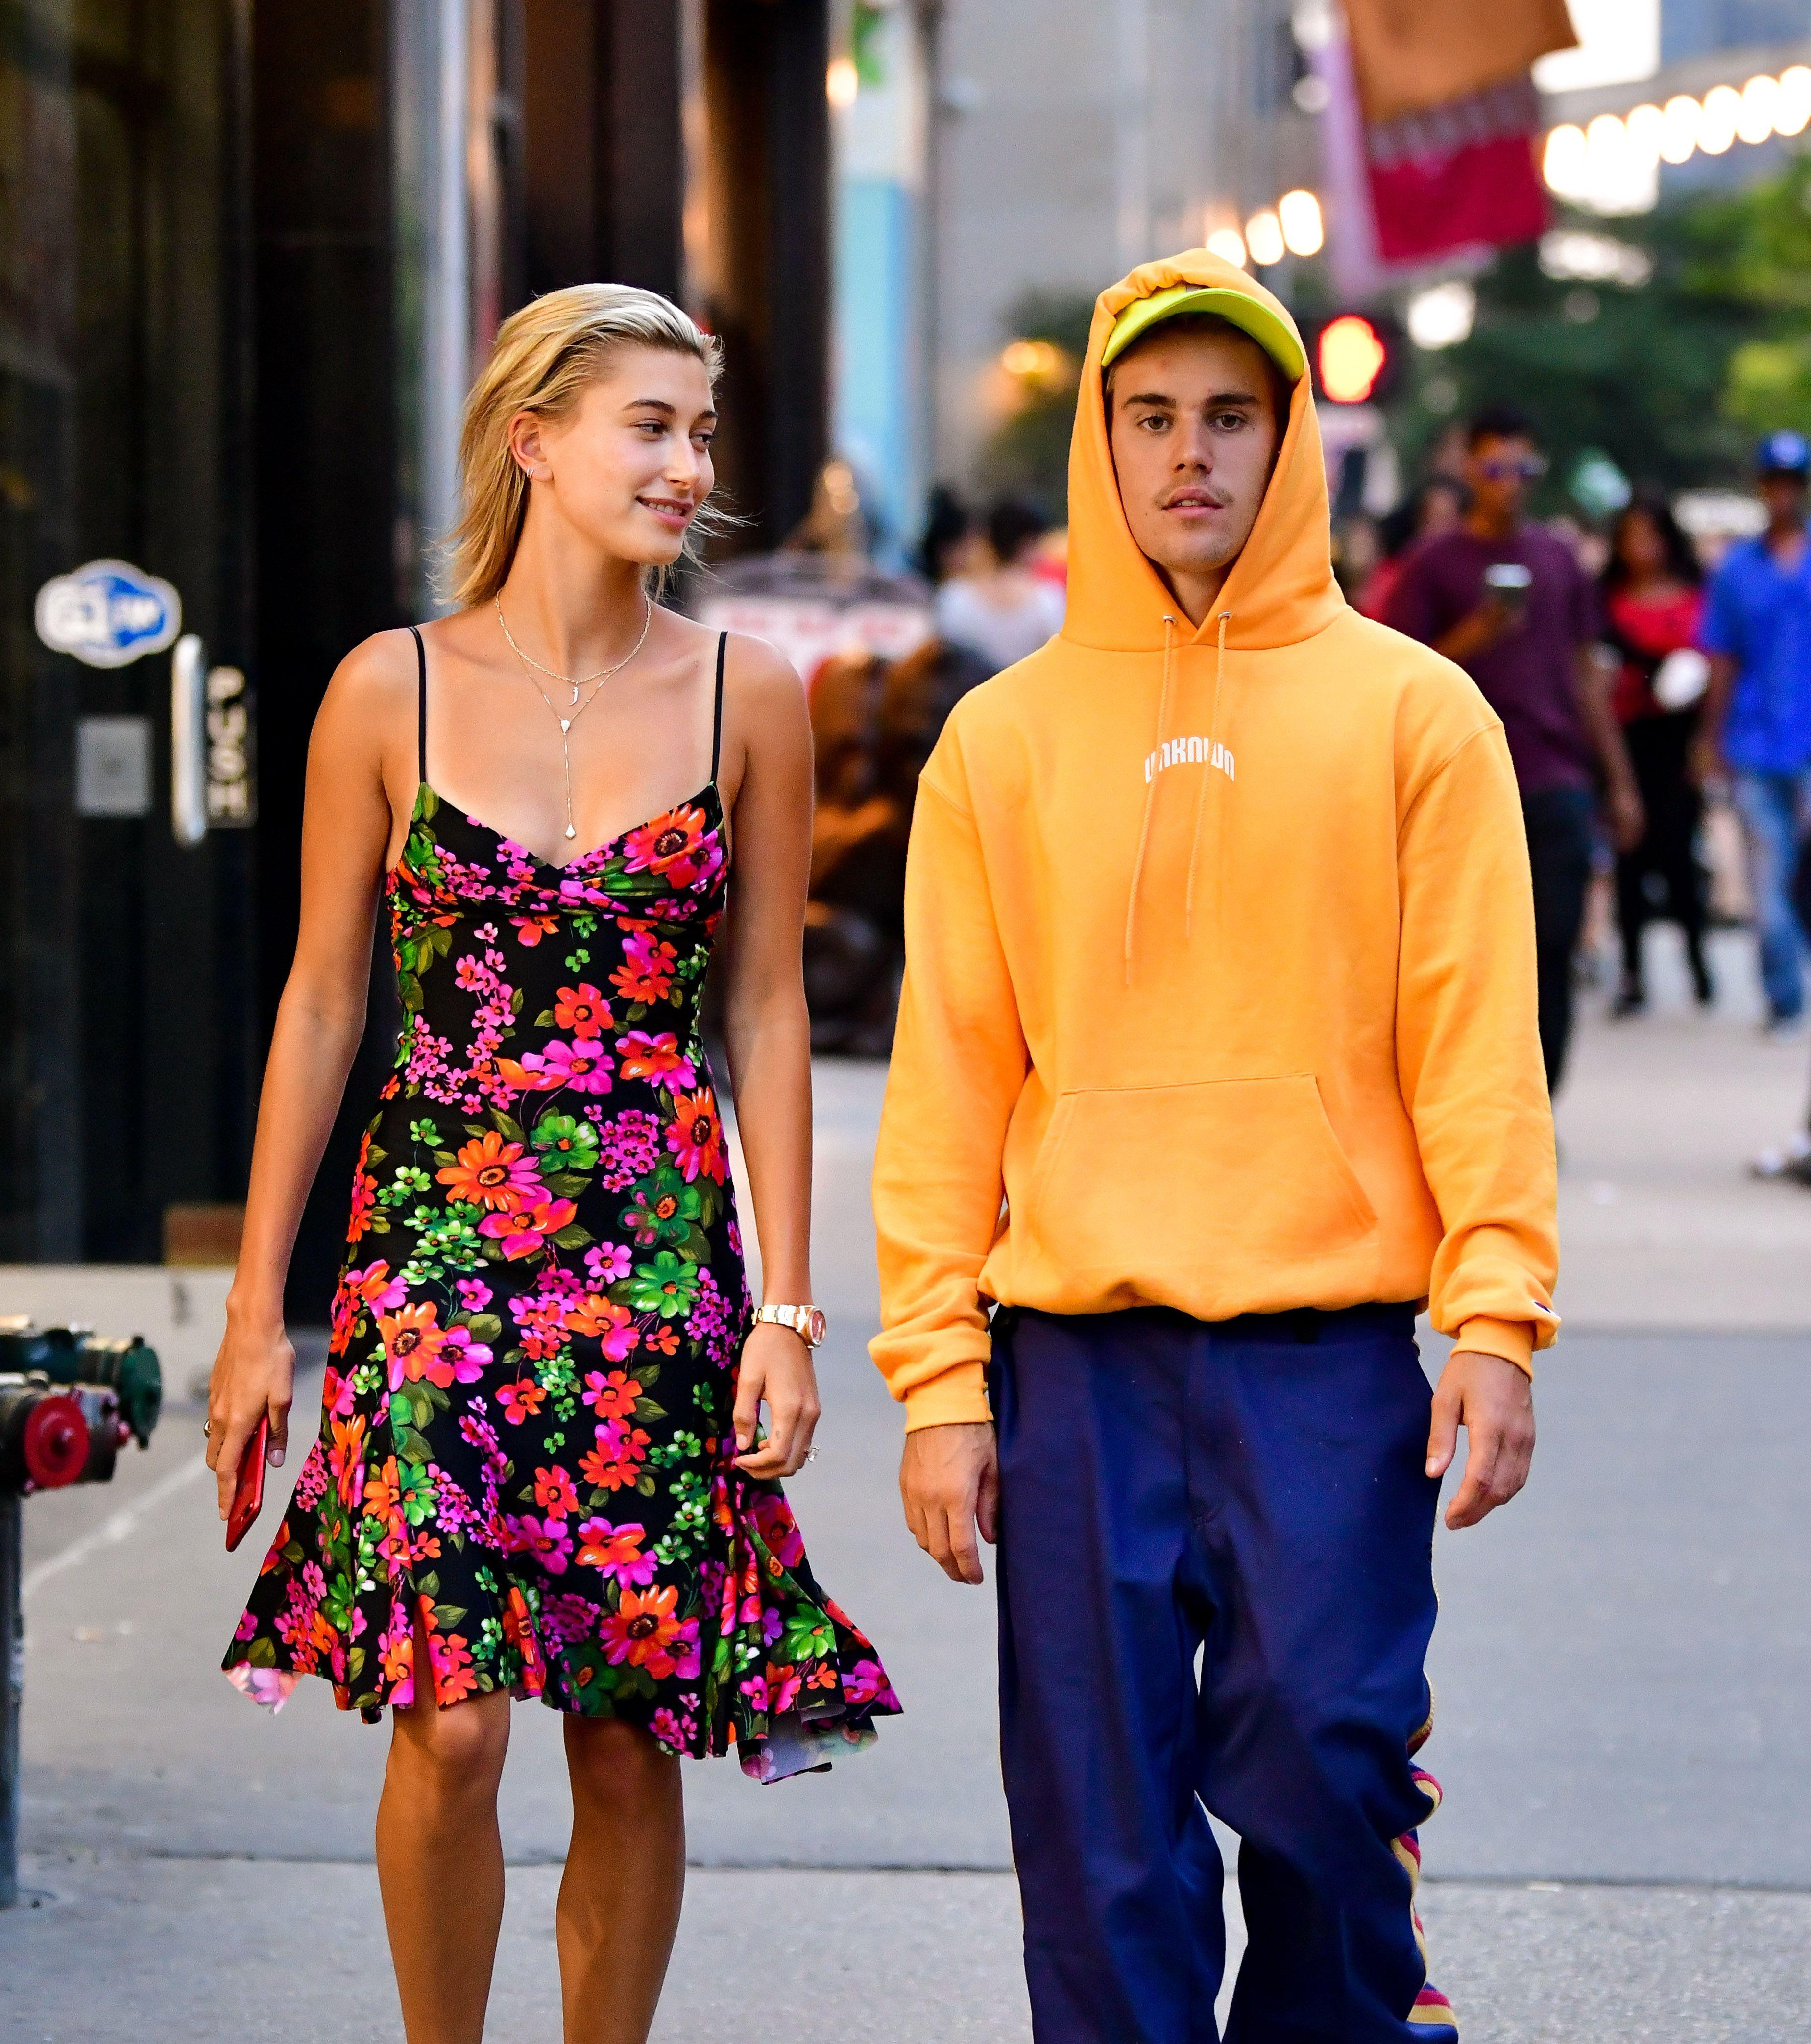 Justin Bieber Almost Destroys Hailey Bieber's Wedding Dress In Thanksgiving Photo